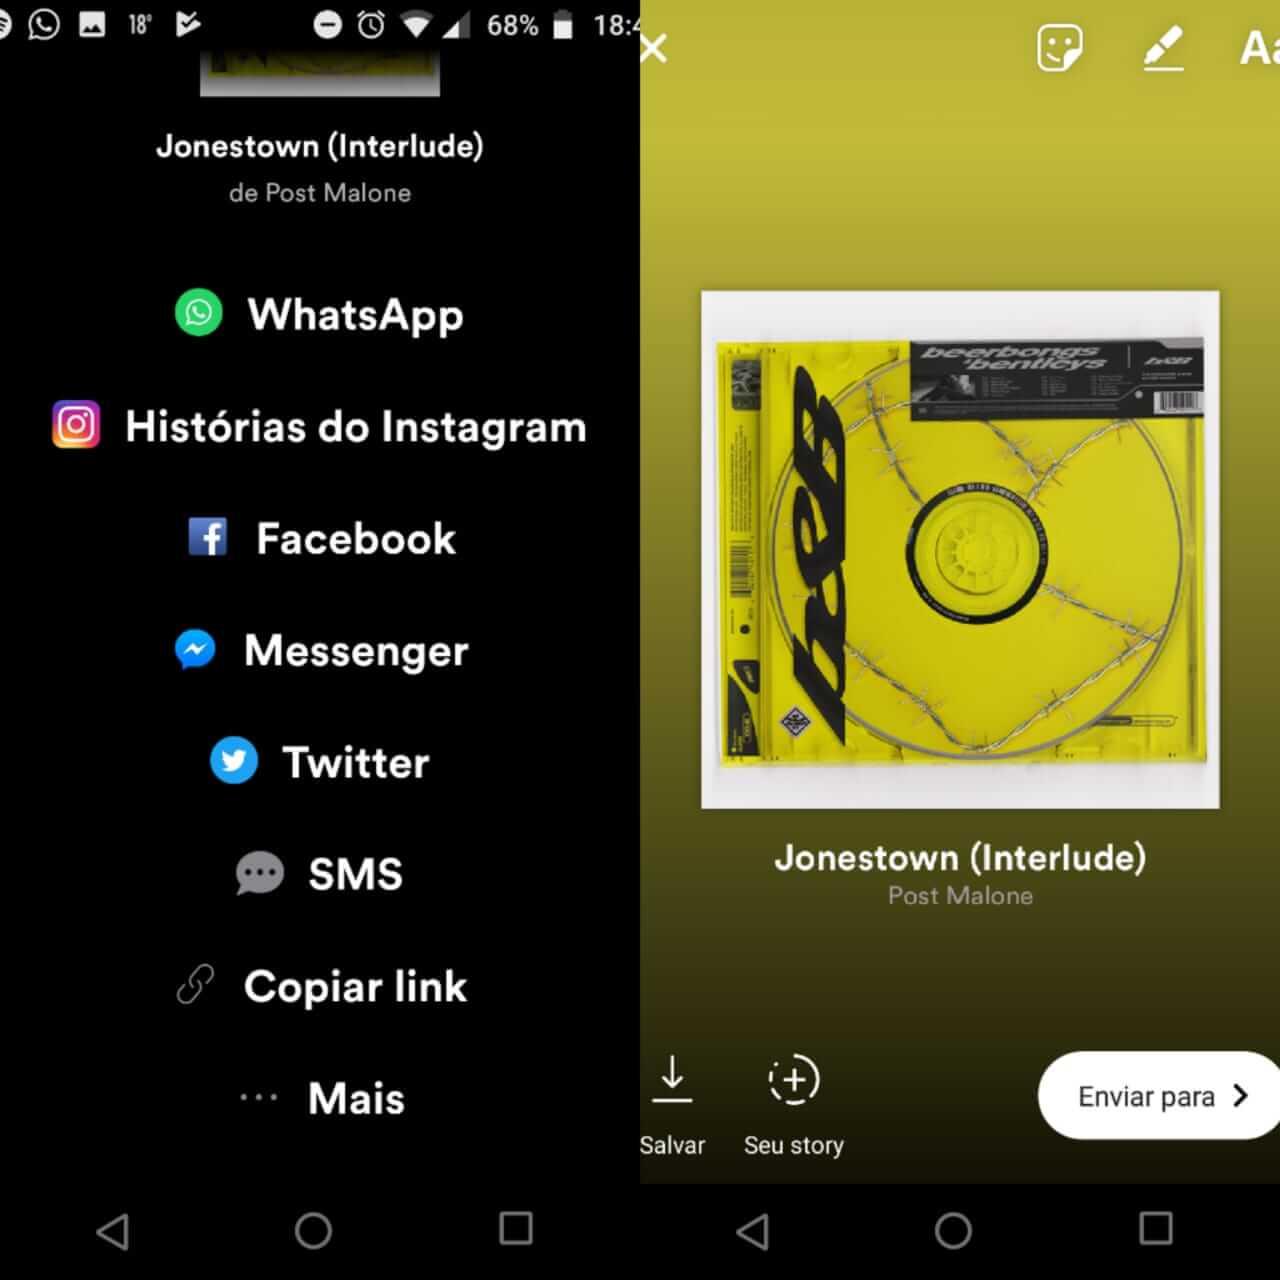 Como compartilhar músicas do spotify no instagram. Em segundos, você vai compartilhar com todos seus amigos a música que você está ouvindo no spotify através do seu instagram! Quer saber como? Vem com a gente!